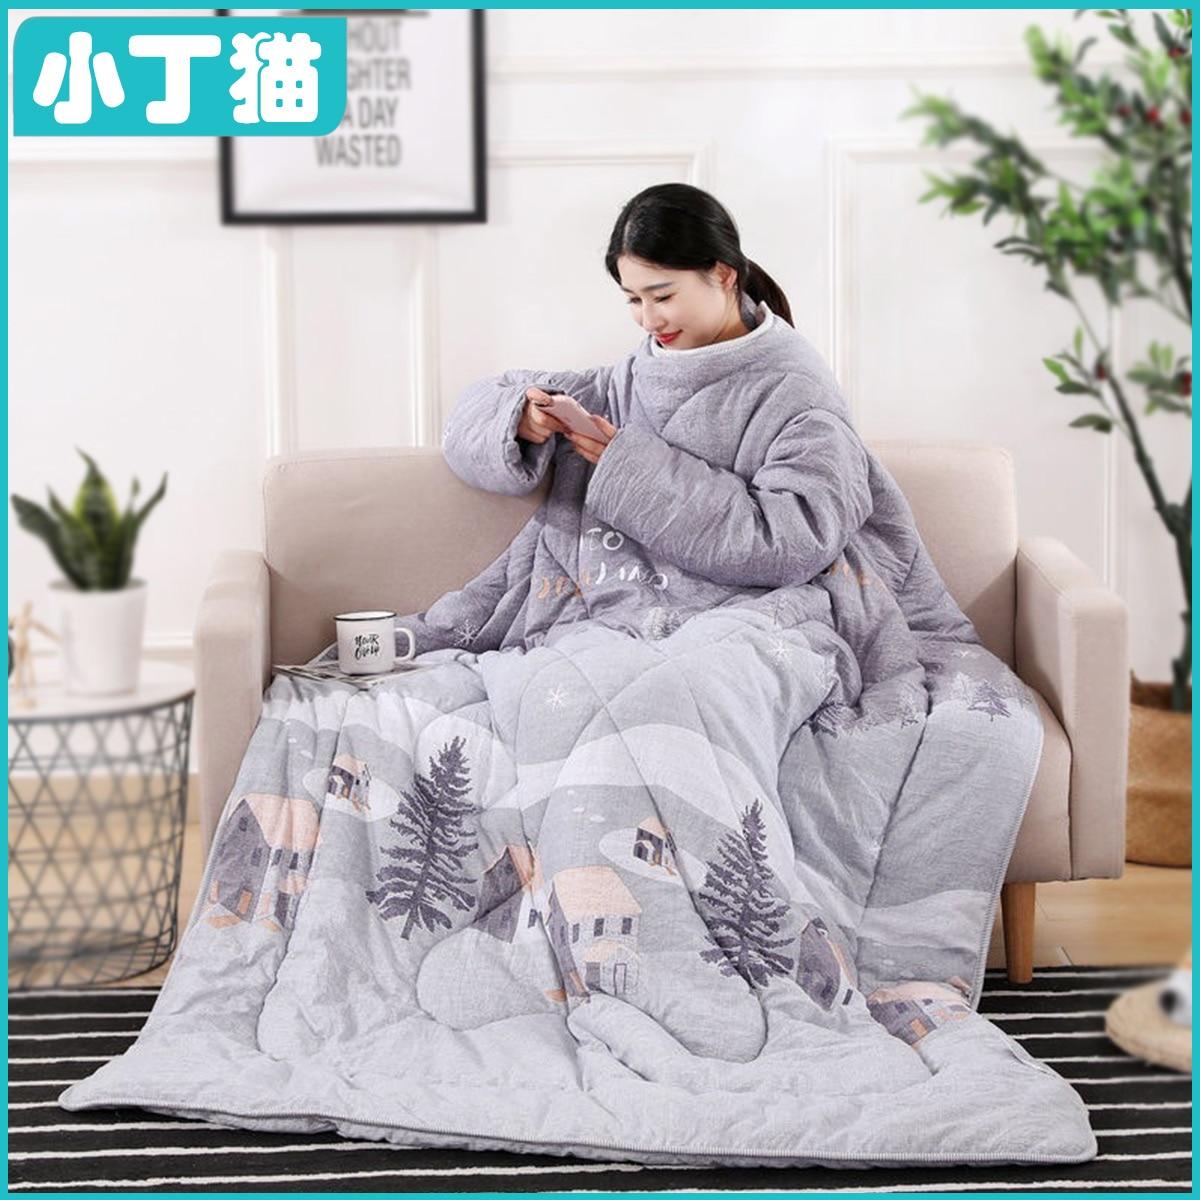 السرير كسول لحاف الشتاء كم بواسطة شخص واحد مشاهدة التلفزيون أريكة استرخاء انفصال غطاء لحاف الأطفال مكافحة الركل كم